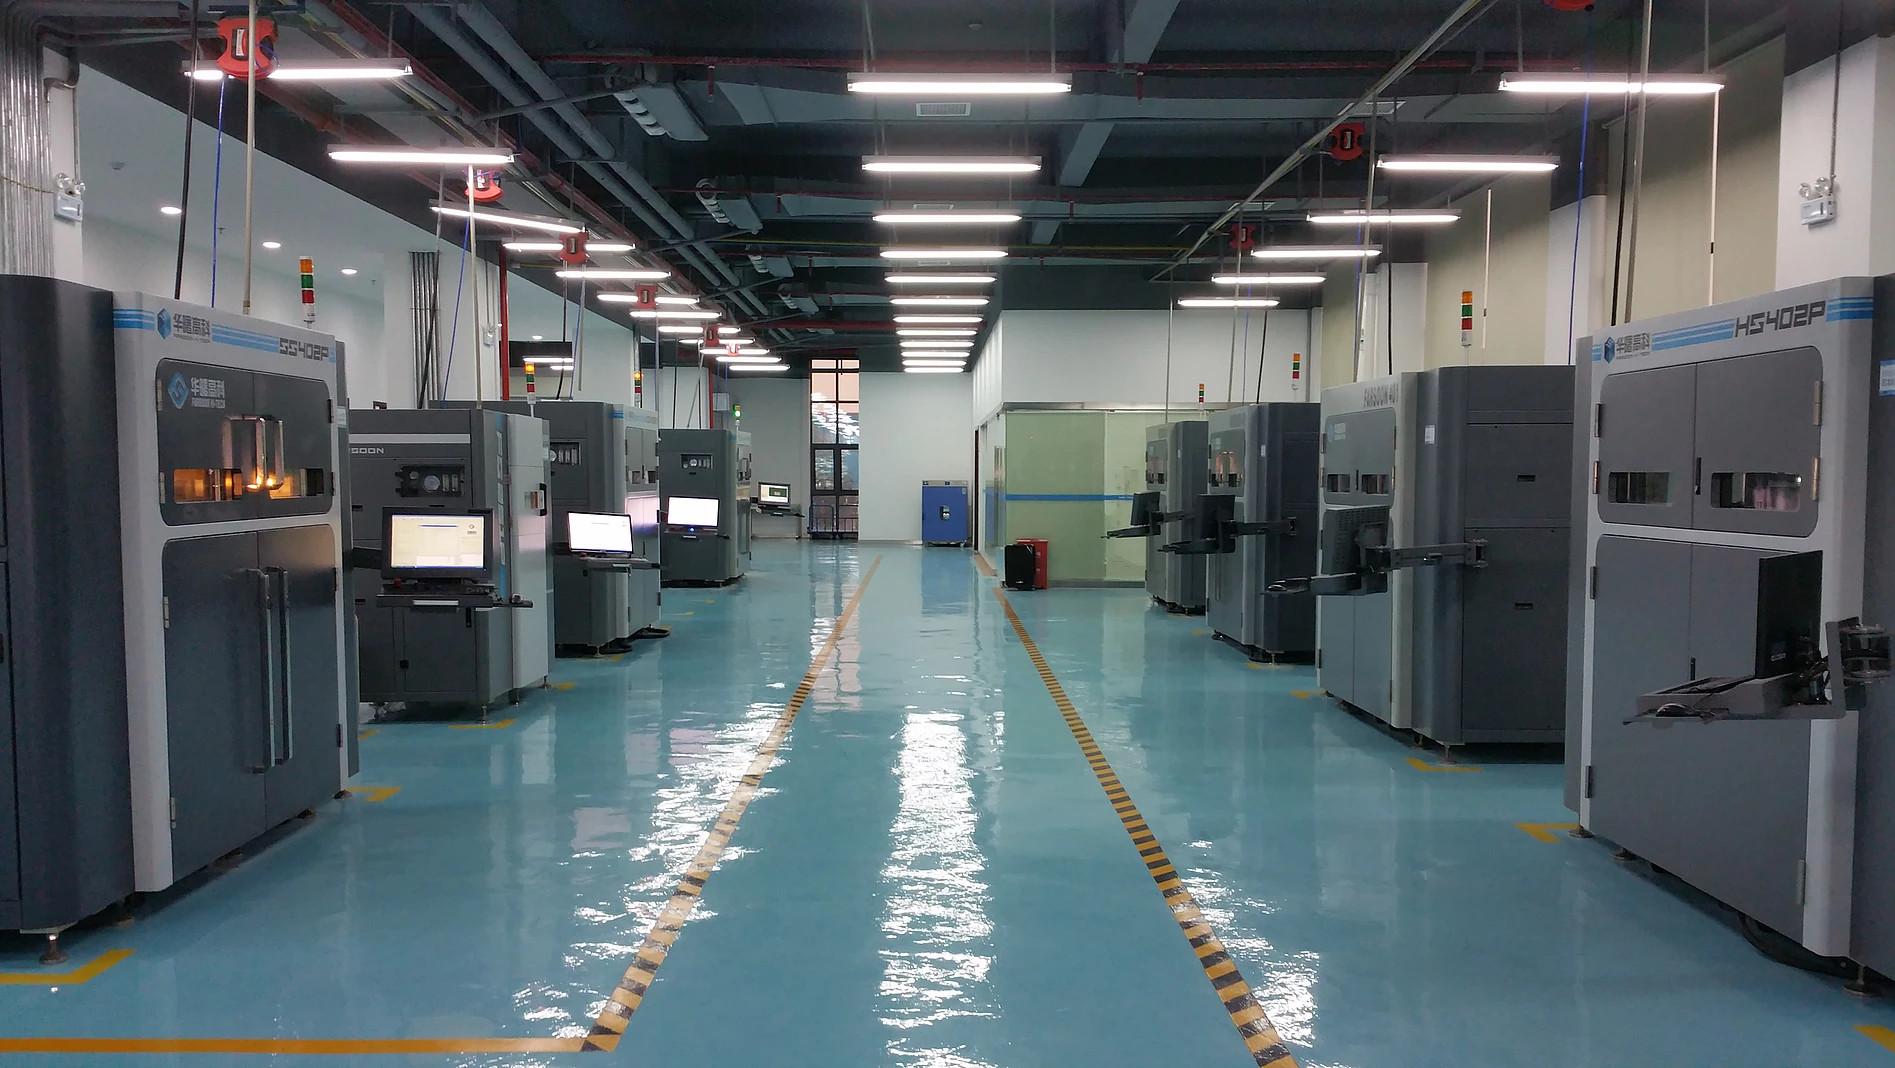 A 3D printing facility of Varia 3D. Image via Varia 3D.